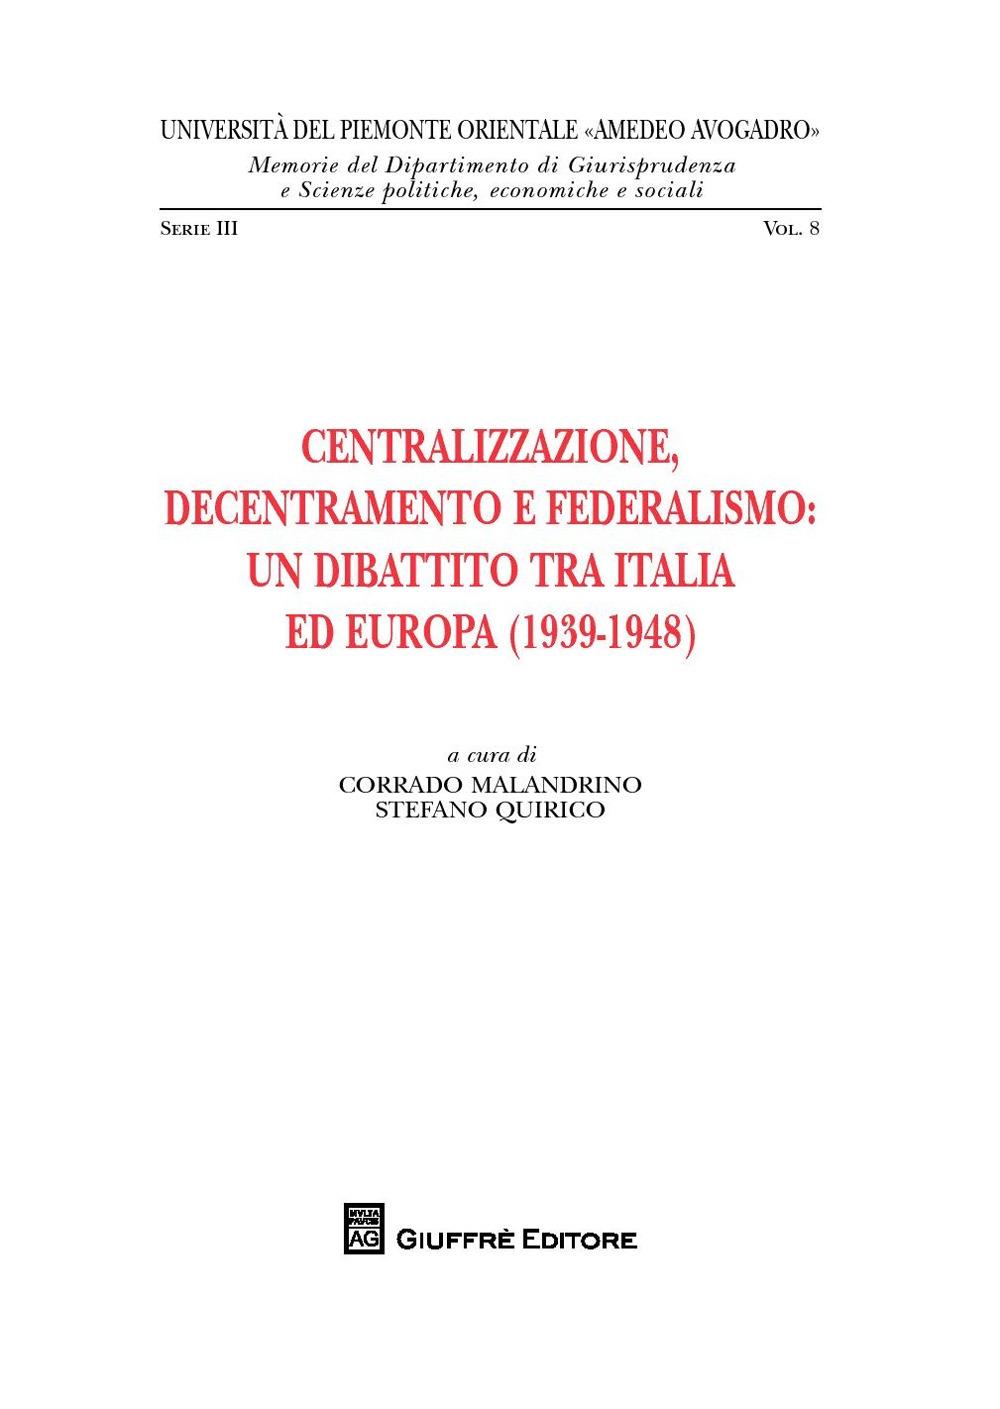 Centralizzazione, decentramento e federalismo: un dibattito tra Italia ed Europa (1939-1948)